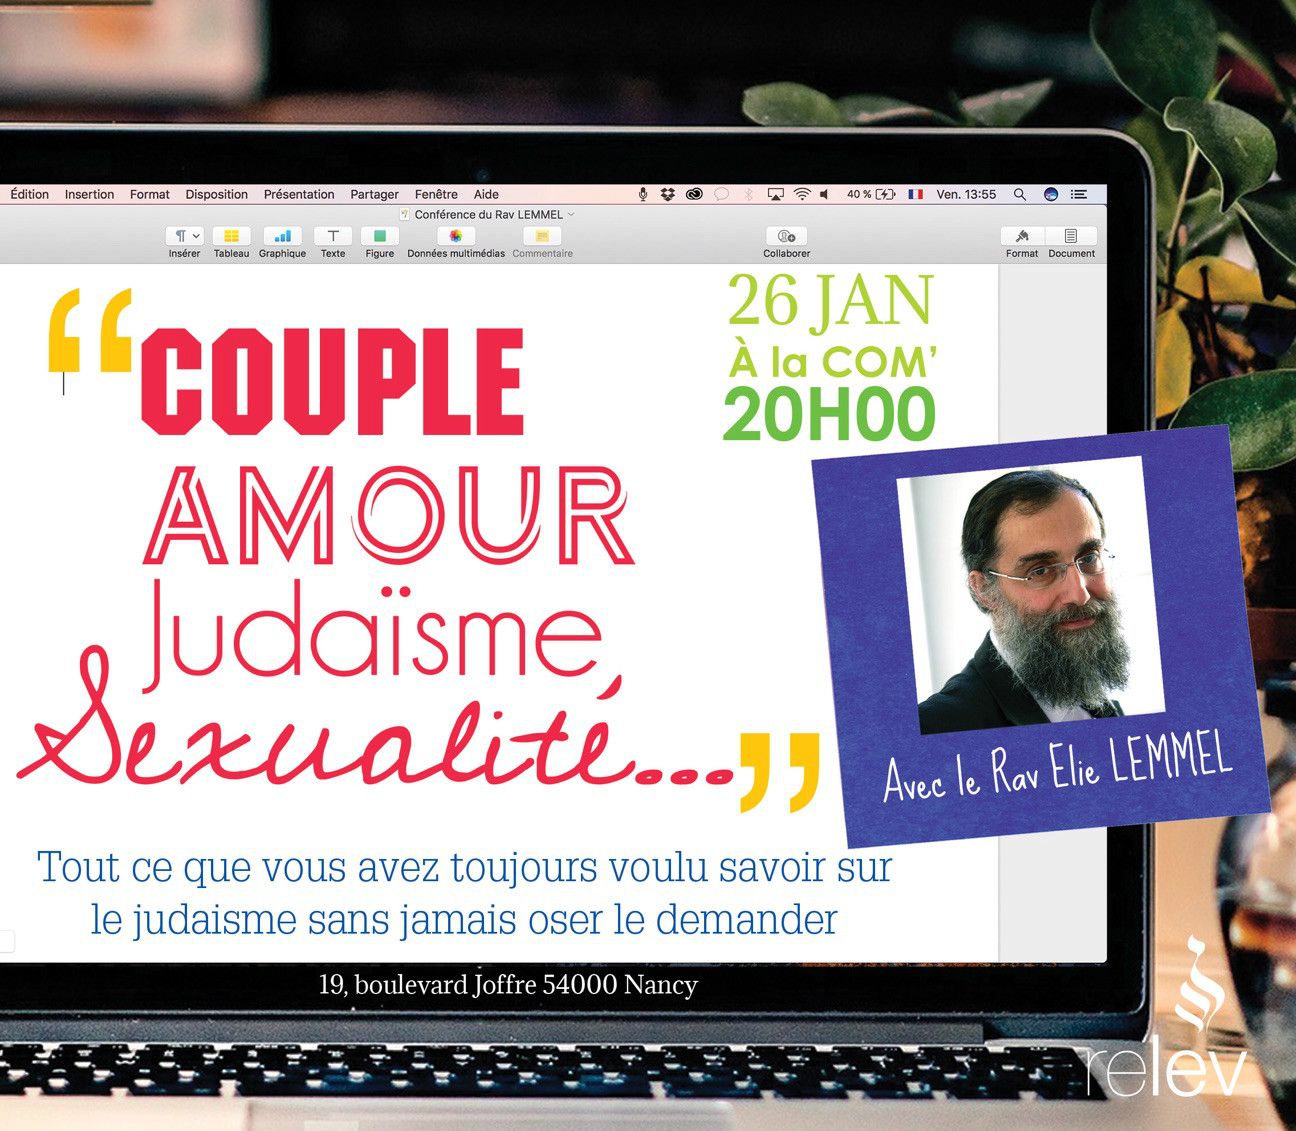 Couple, amour, judaïsme et sexualité, avec Elie Lemmel